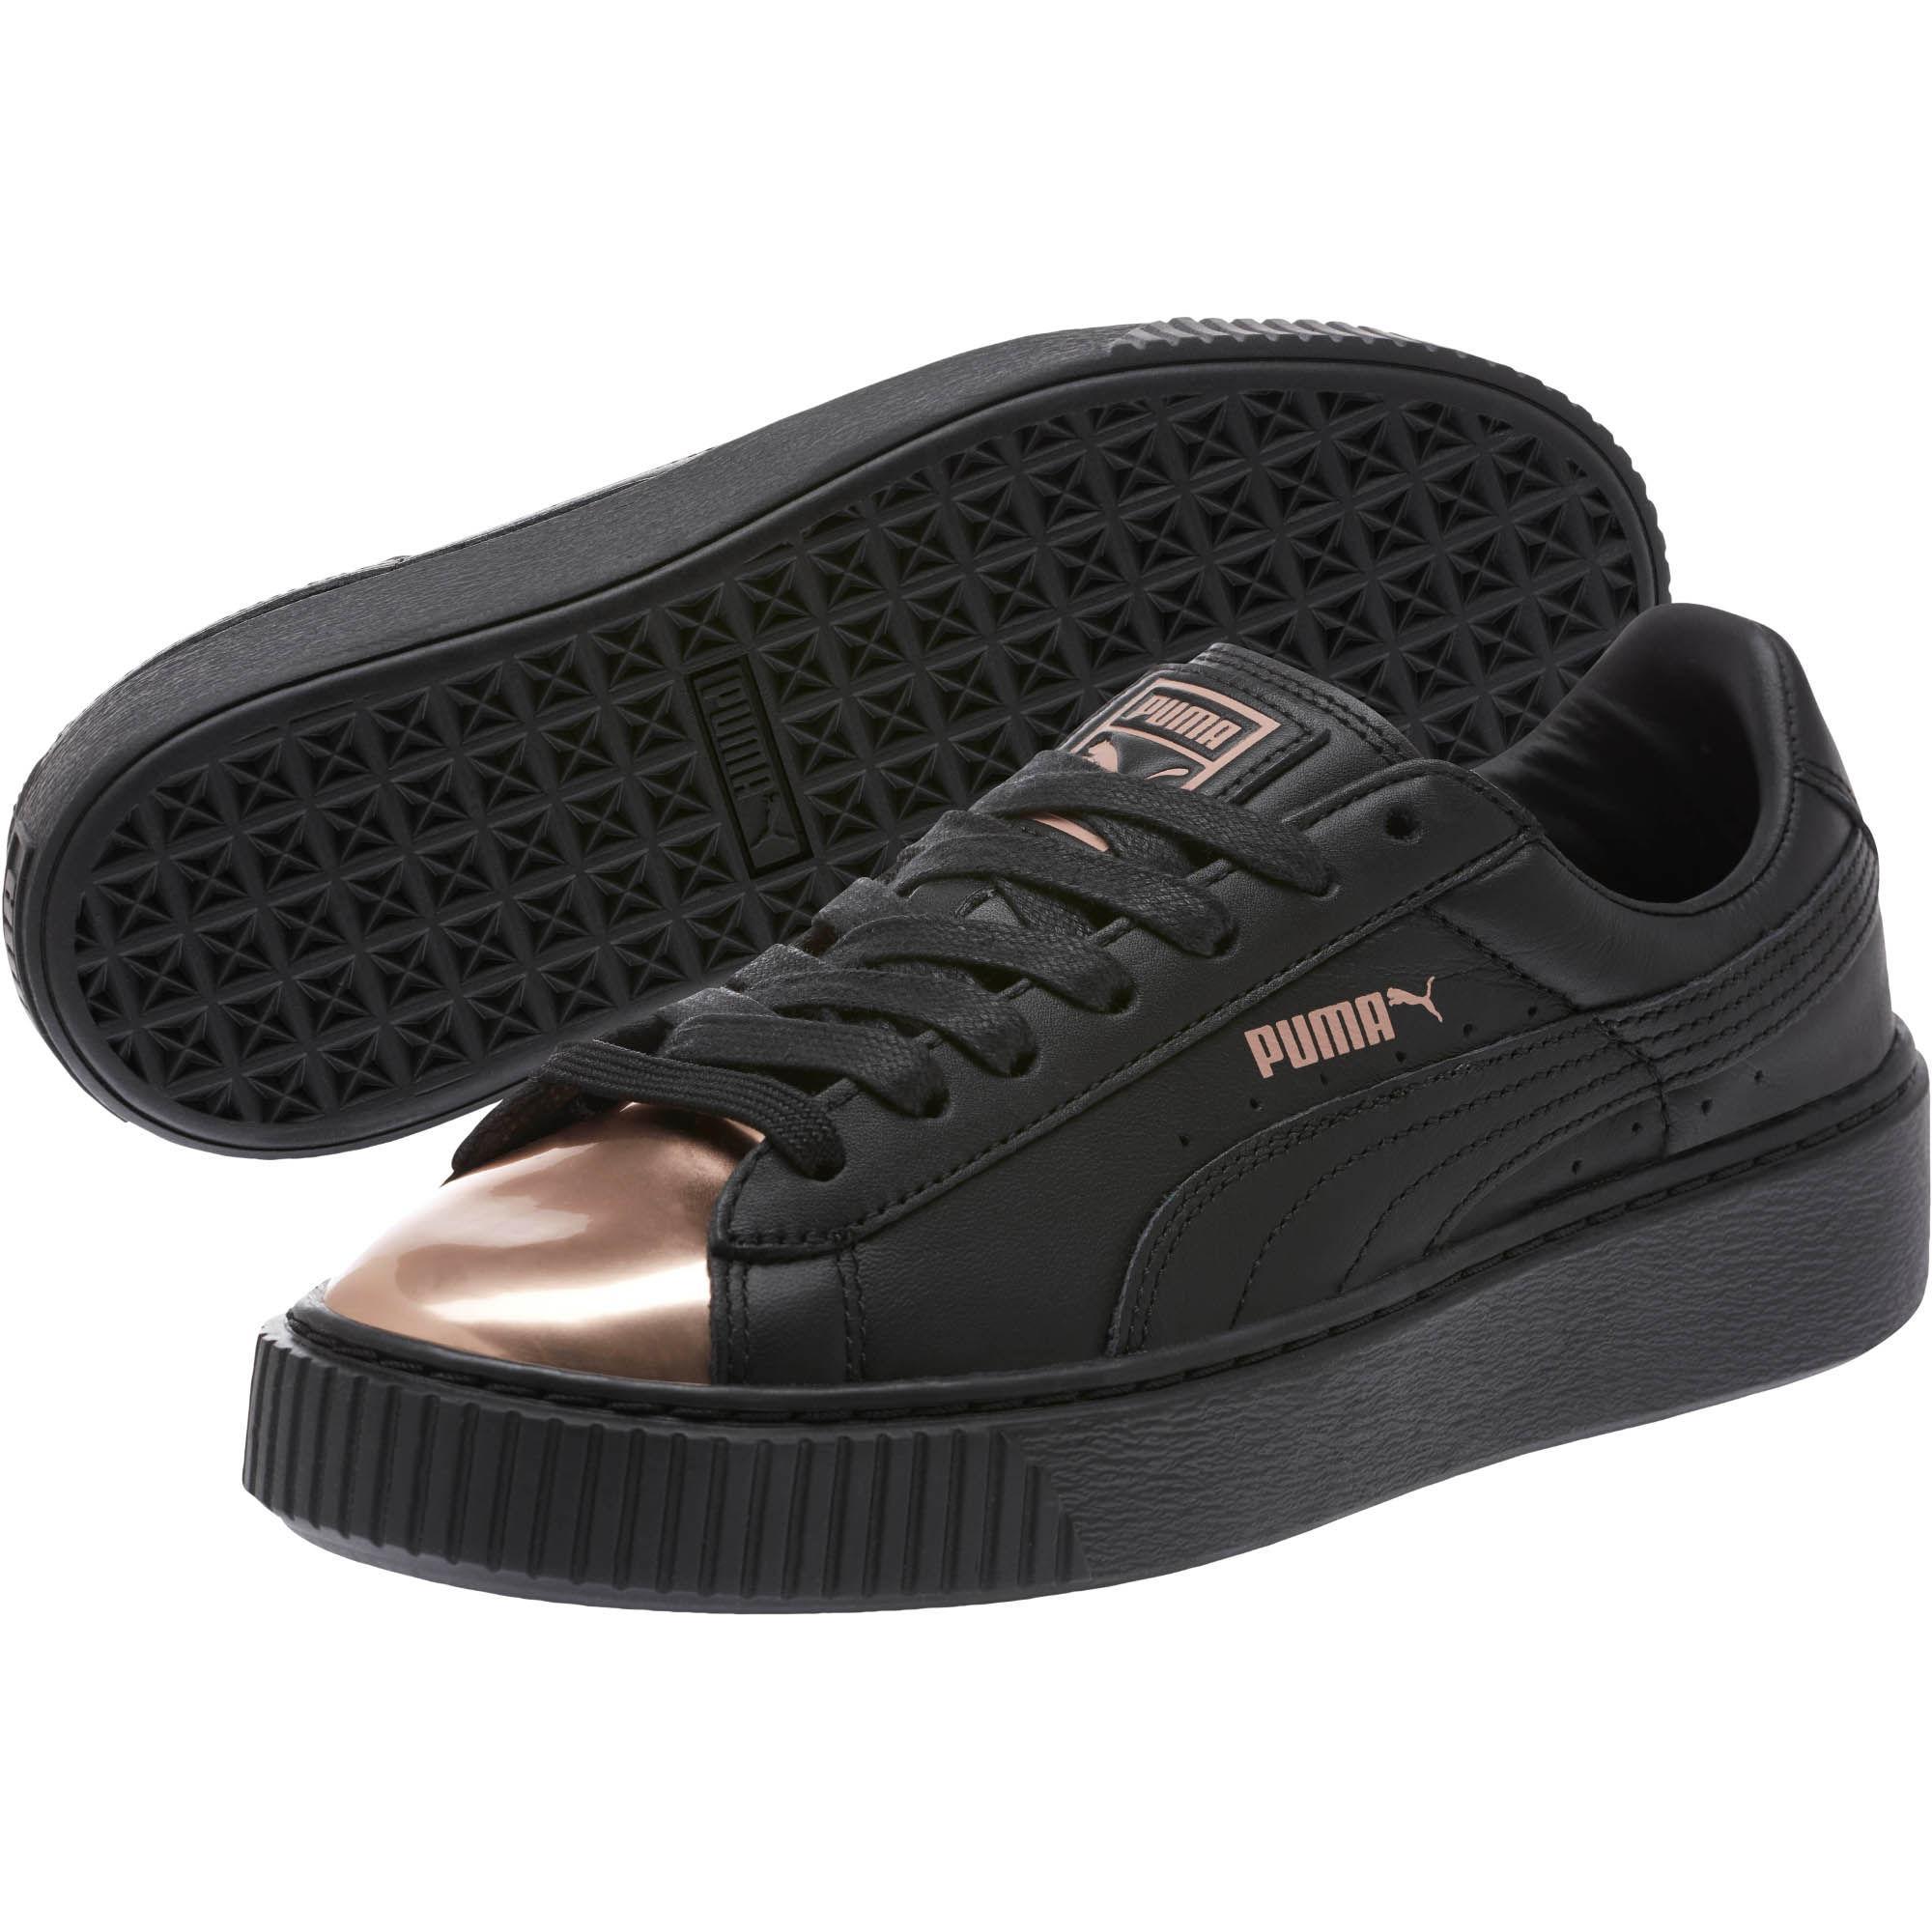 Lyst - PUMA Basket Platform Metallic Women s Sneakers in Black 05f5e454256f